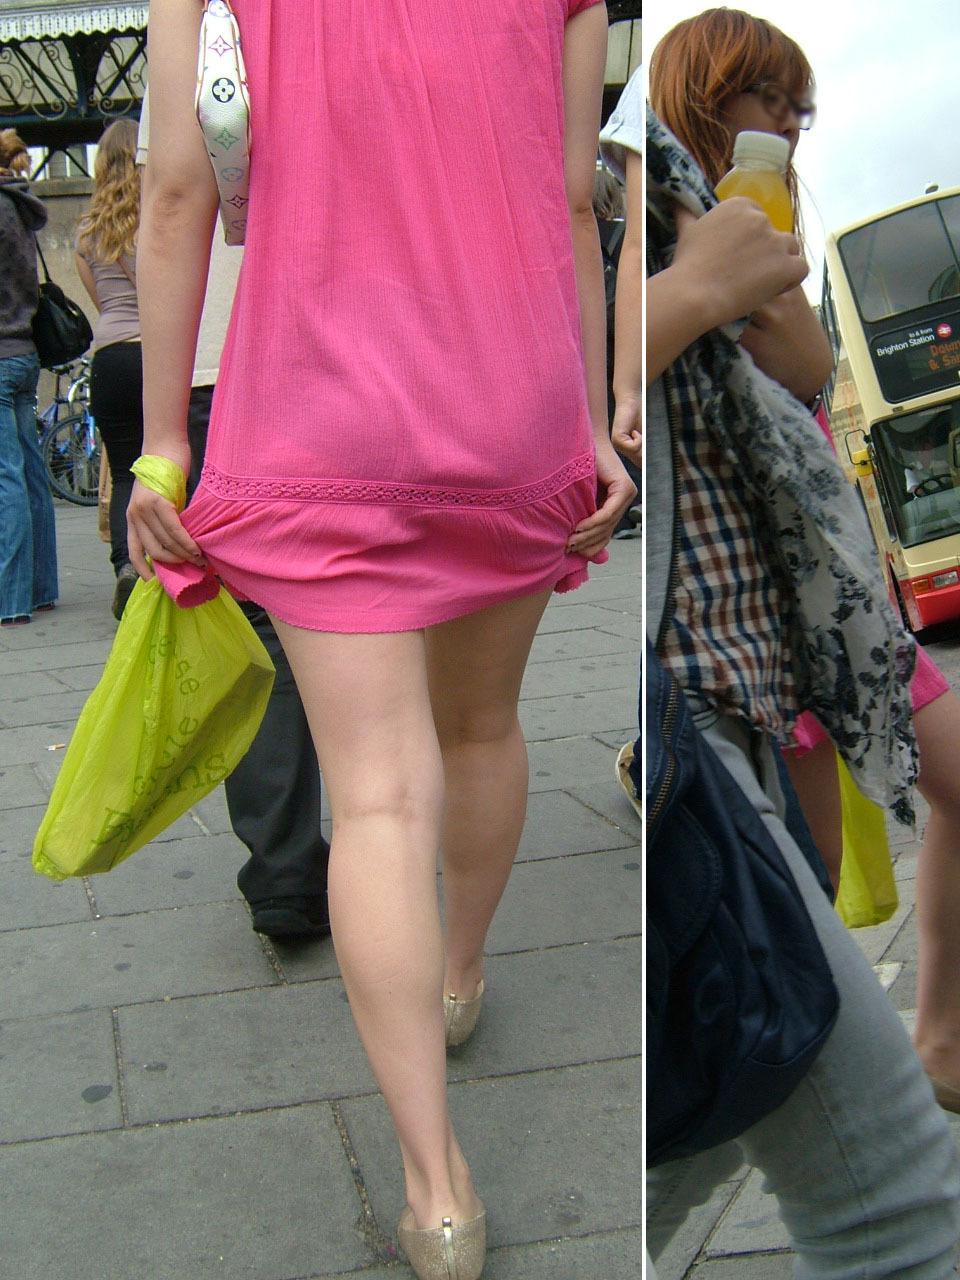 【透けパンエロ画像】この姿で街出たら即下着バレwお尻がクッキリ透けた着衣尻女性たちwww 14